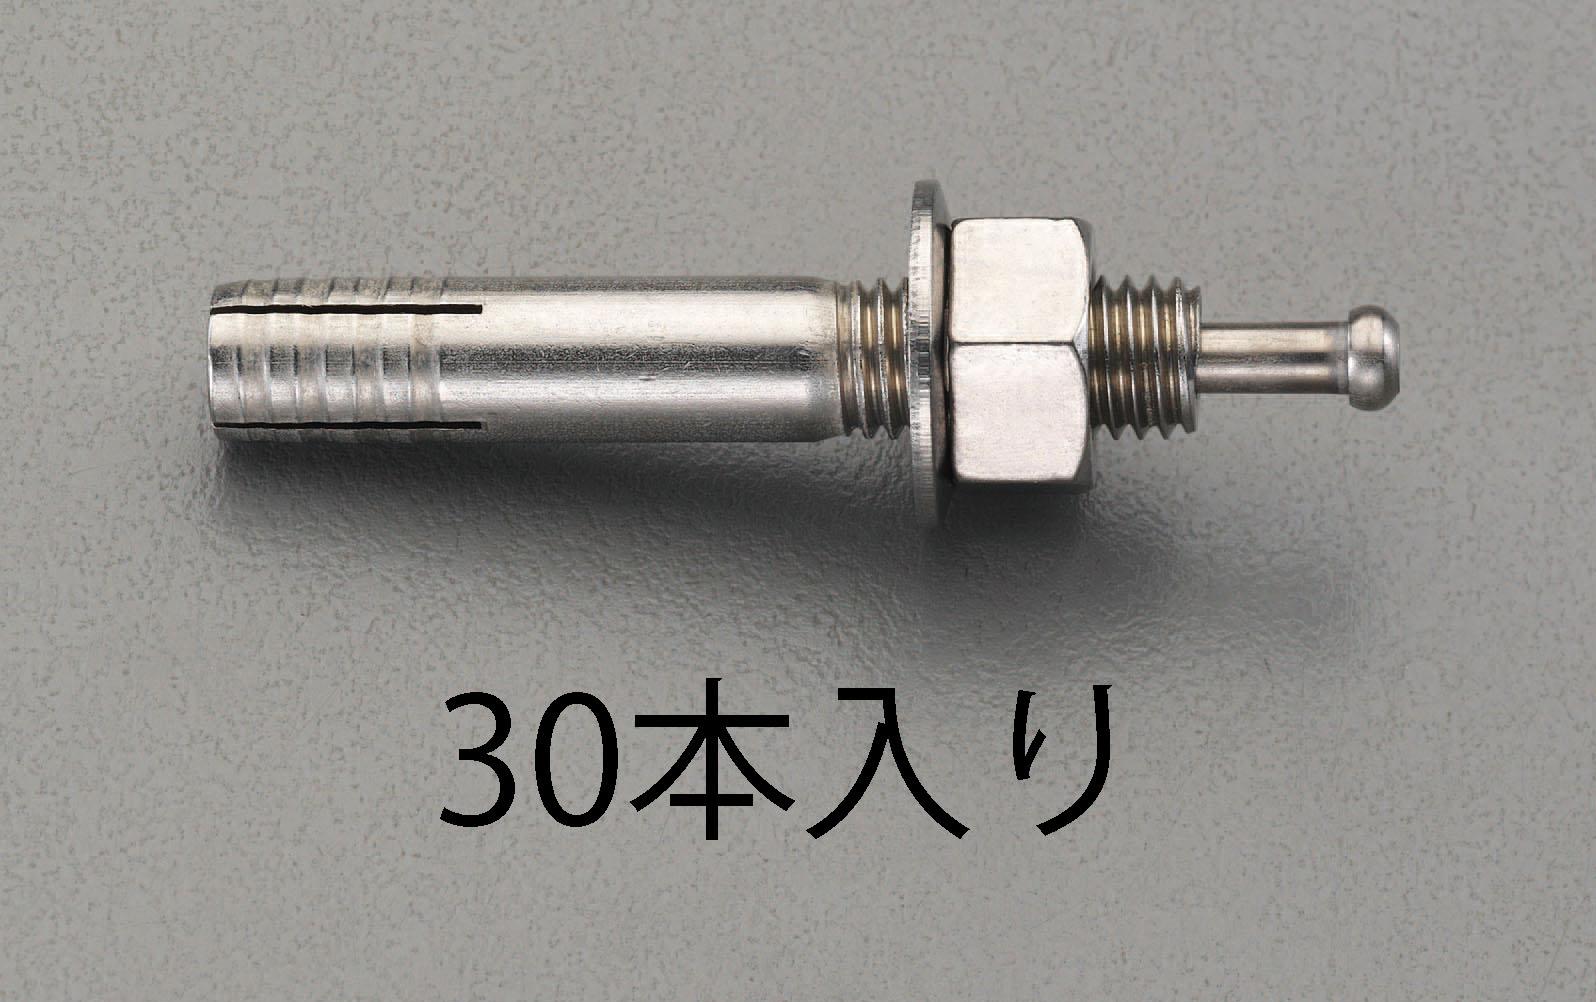 【メーカー在庫あり】 エスコ ESCO M12x 70mm オスねじアンカー ステンレス製/30本 000012259643 JP店